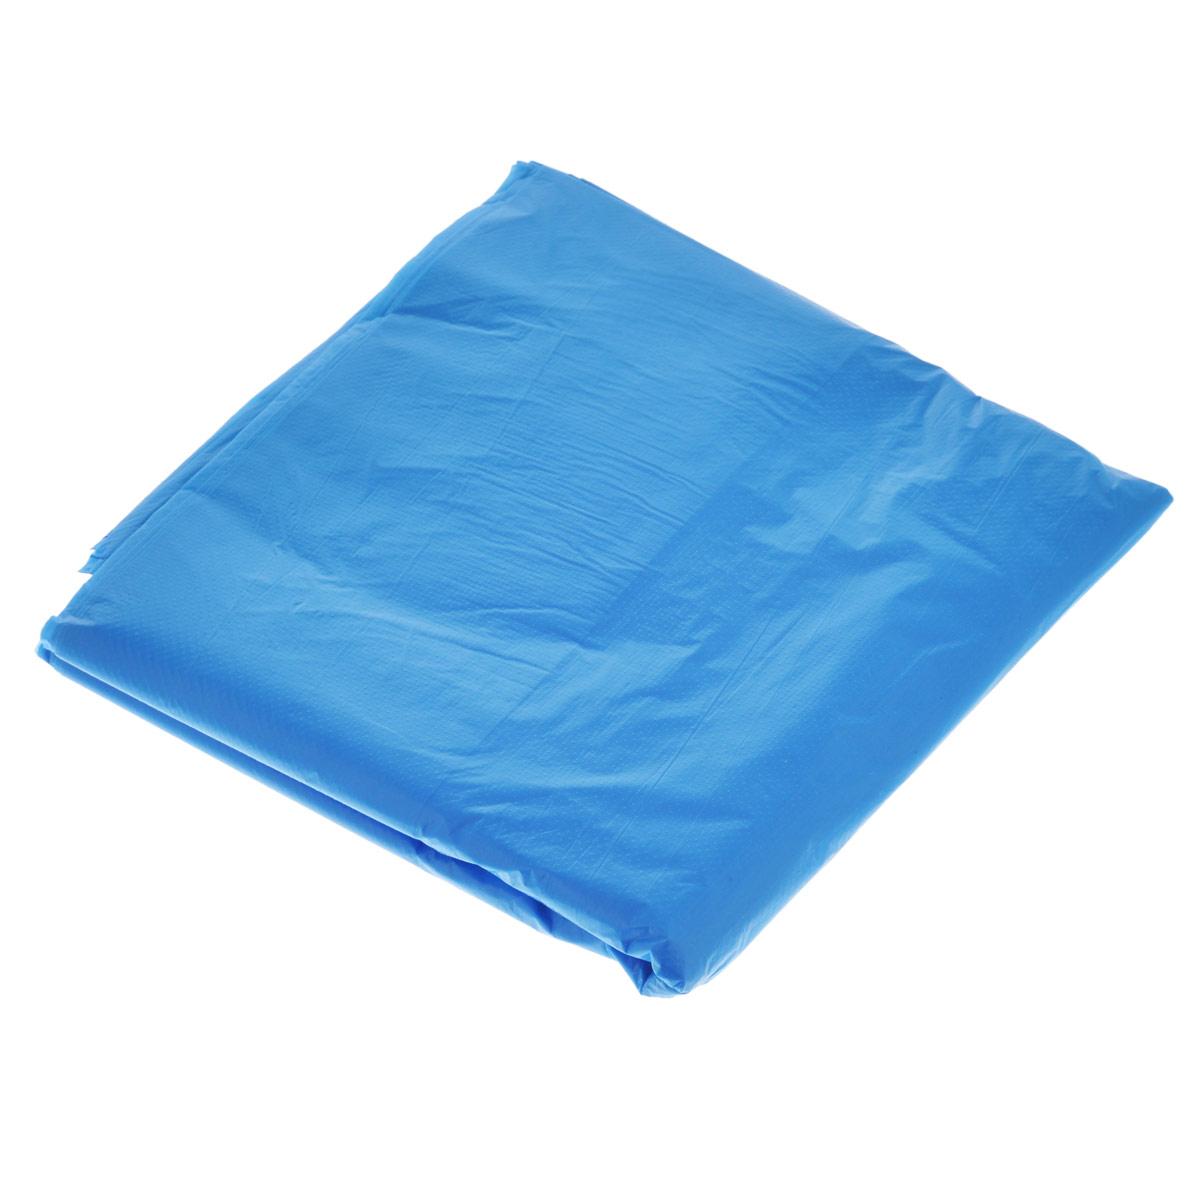 Пакеты для мусора La Chista, с ручками, 35 л, 25 шт870194Пакеты для мусора La Chista, выполненные из полиэтилена, обеспечивают чистоту и гигиену в квартире. Они удобны для сбора и удаления мусора, занимают мало места, практичны в использовании. Широко применяются в быту и на производстве. Оснащены ручками для удобства транспортировки. Комплектация: 25 шт.